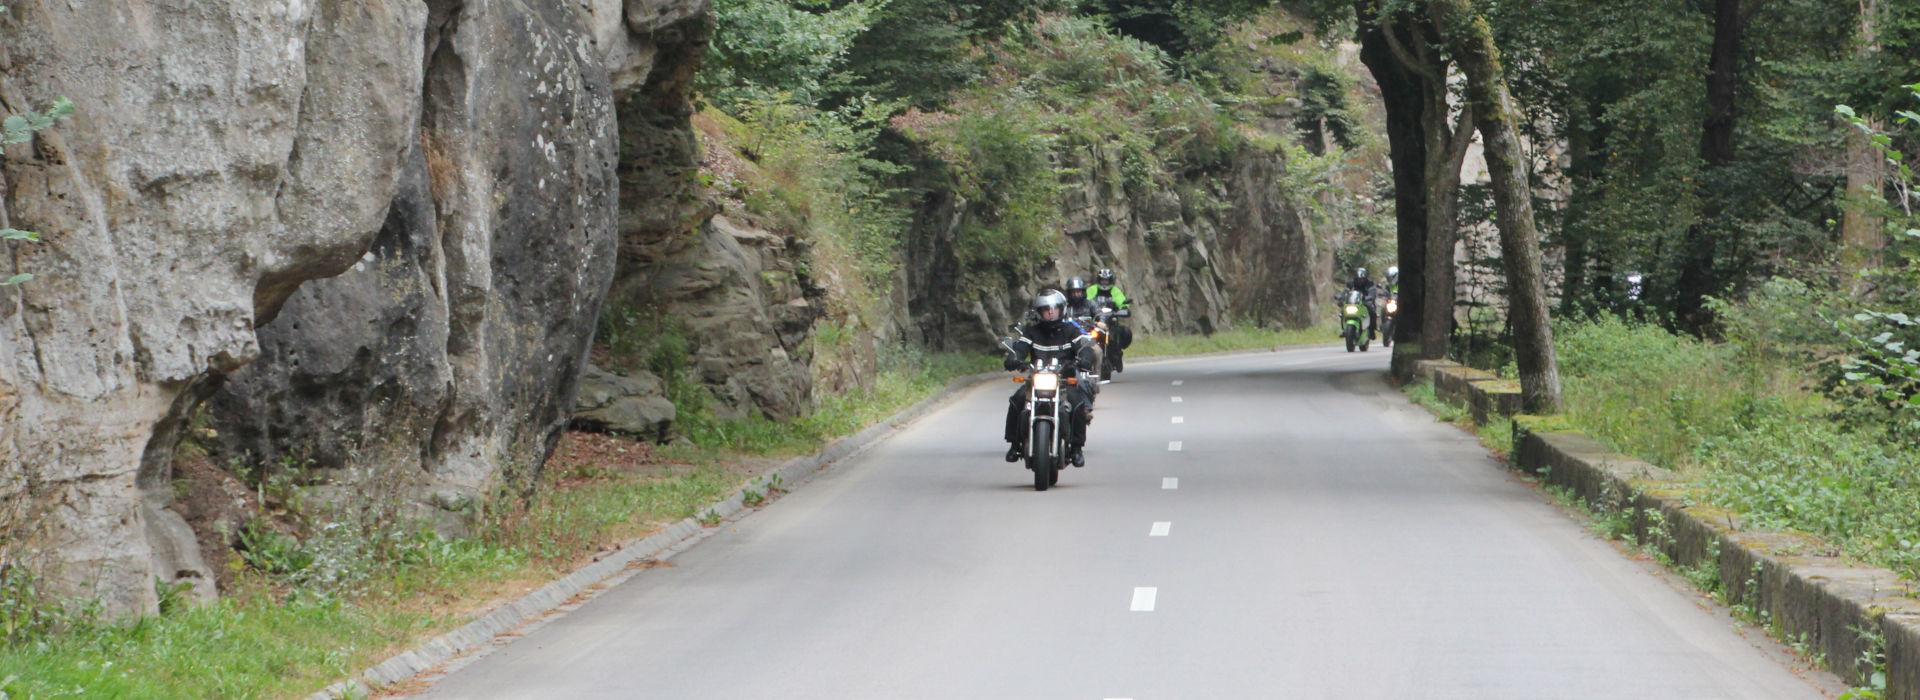 Motorrijbewijspoint Drunen snel motorrijbewijs halen